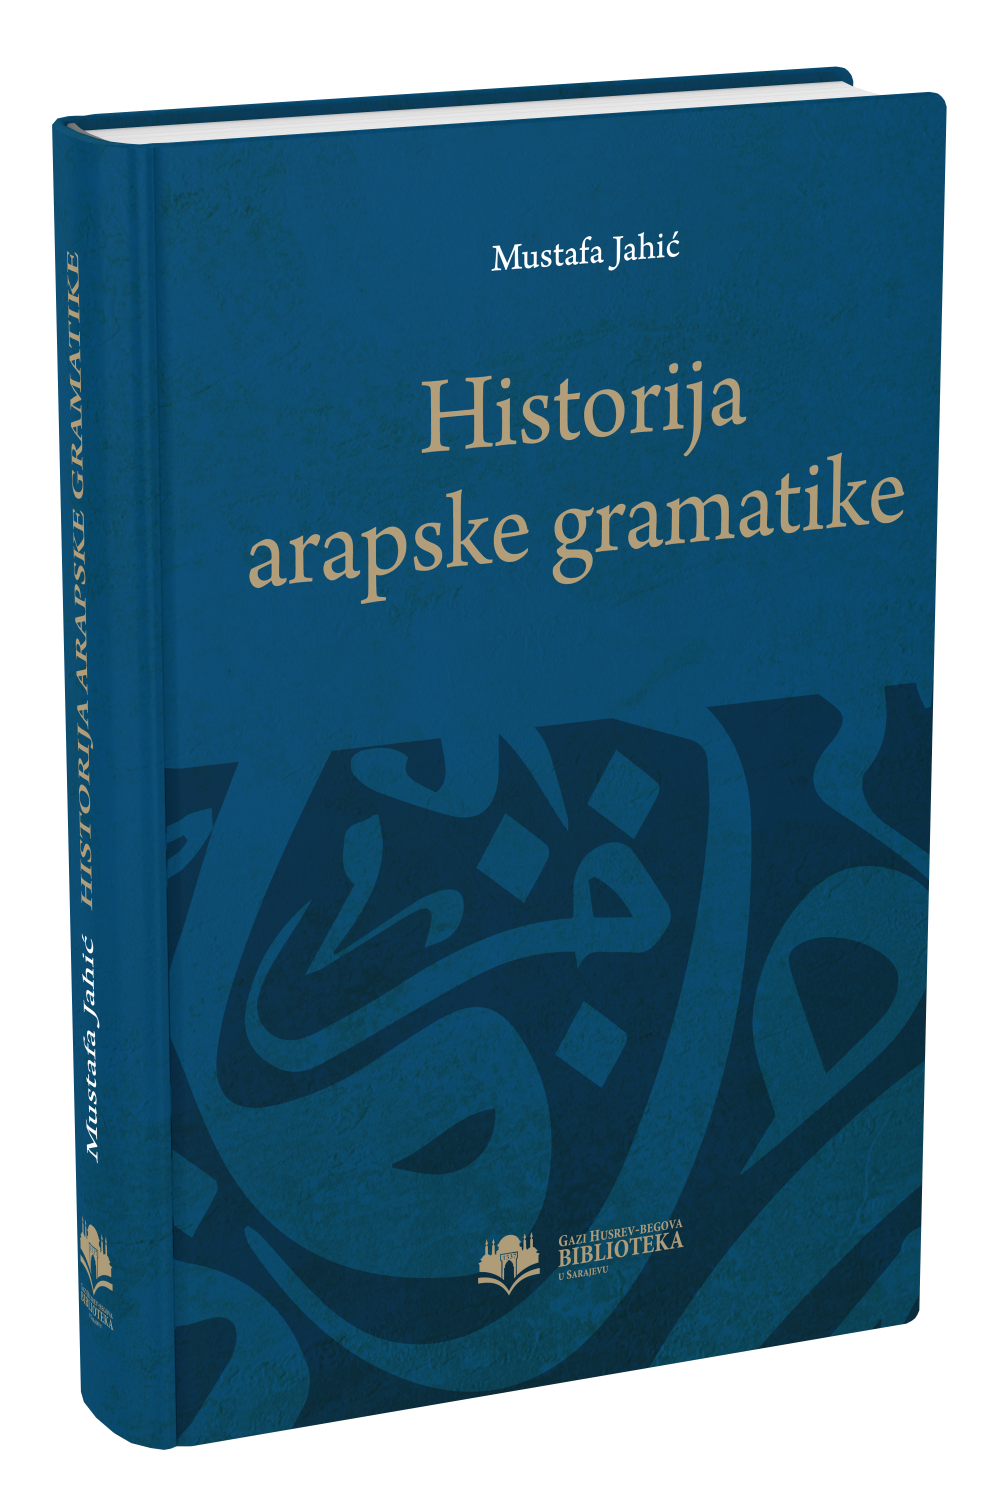 """Novo izdanje Gazi Husrev-begove biblioteke u Sarajevu  """"Historija arapske gramatike"""" autora dr. Mustafe Jahića"""